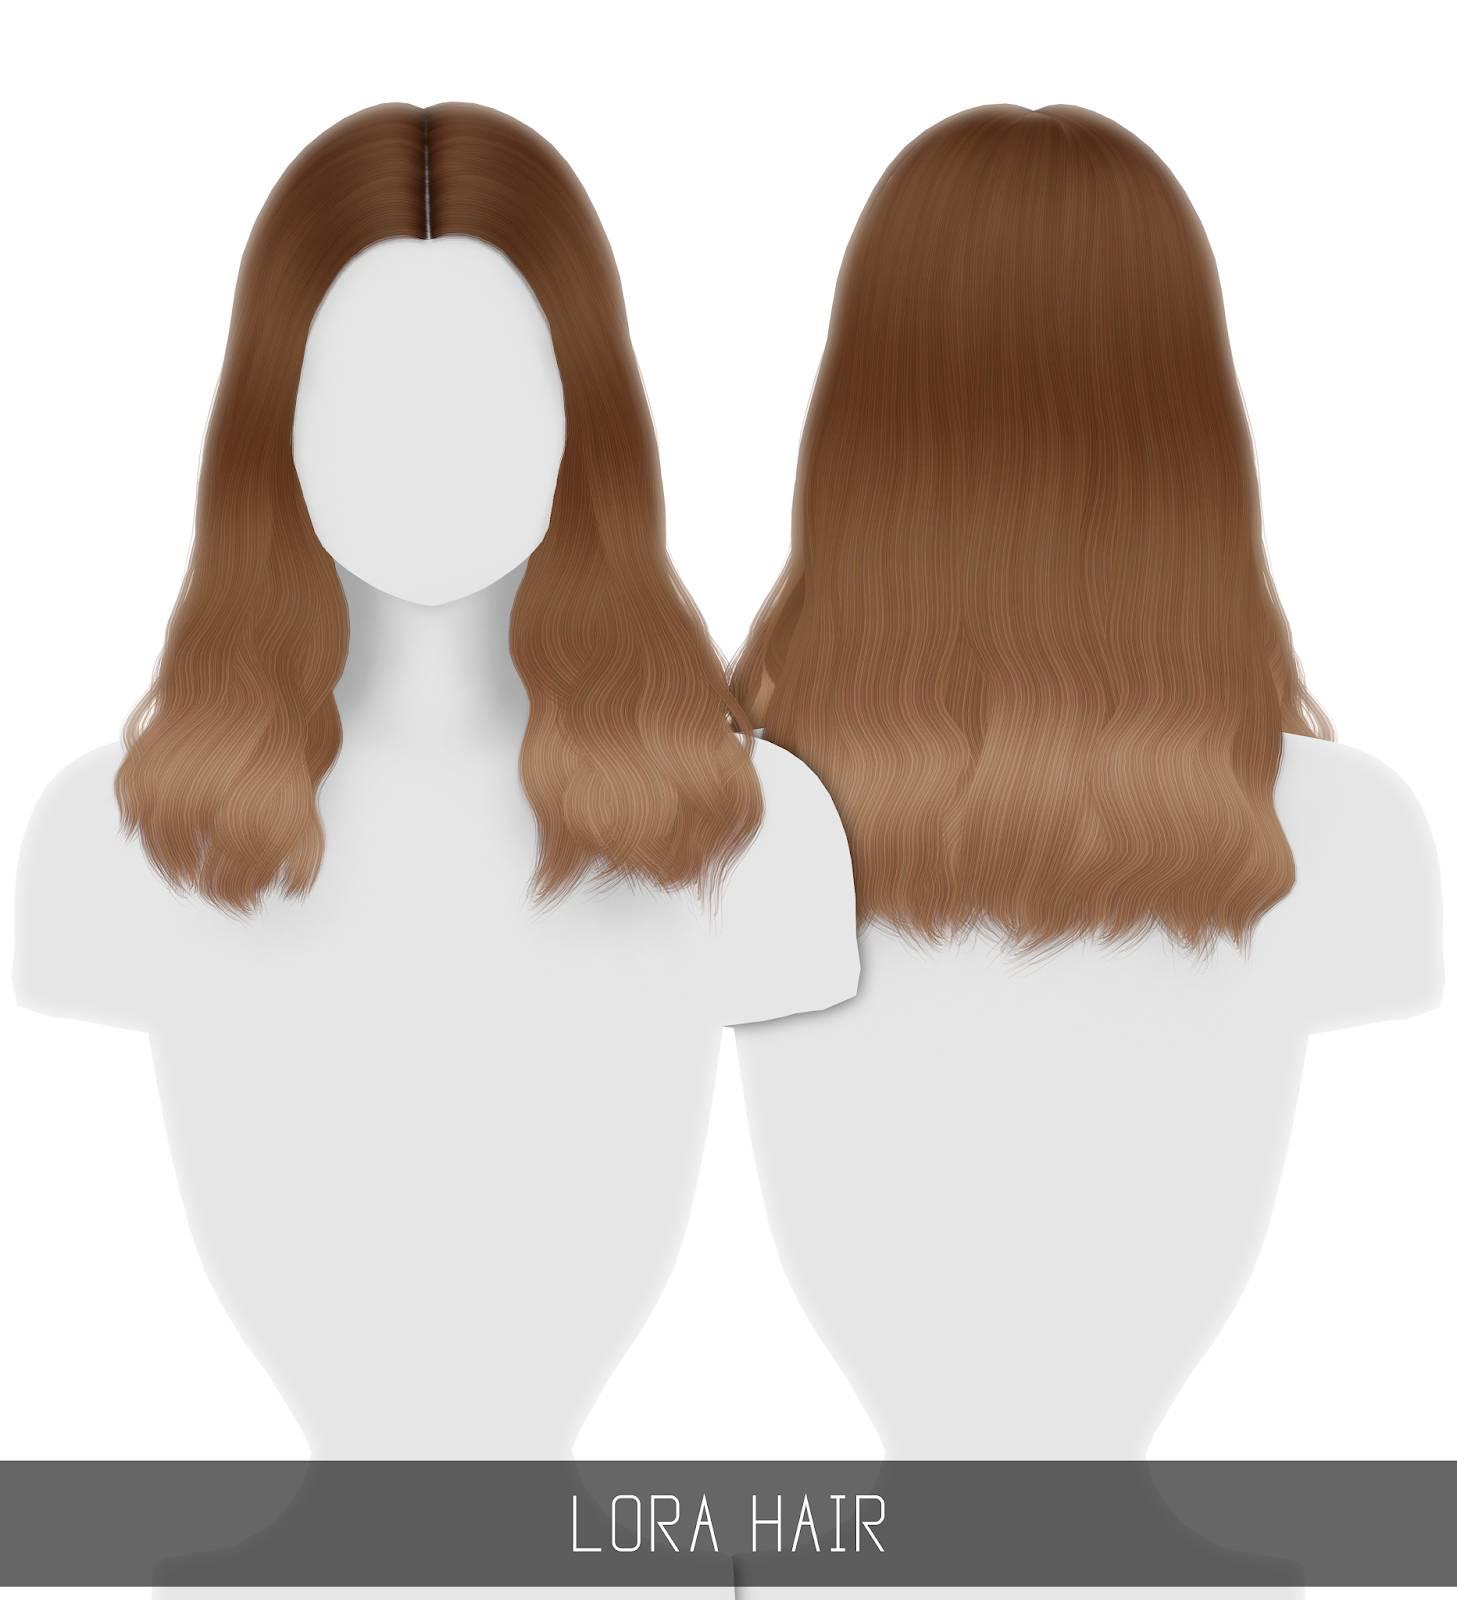 Женская прическа - LORA HAIR